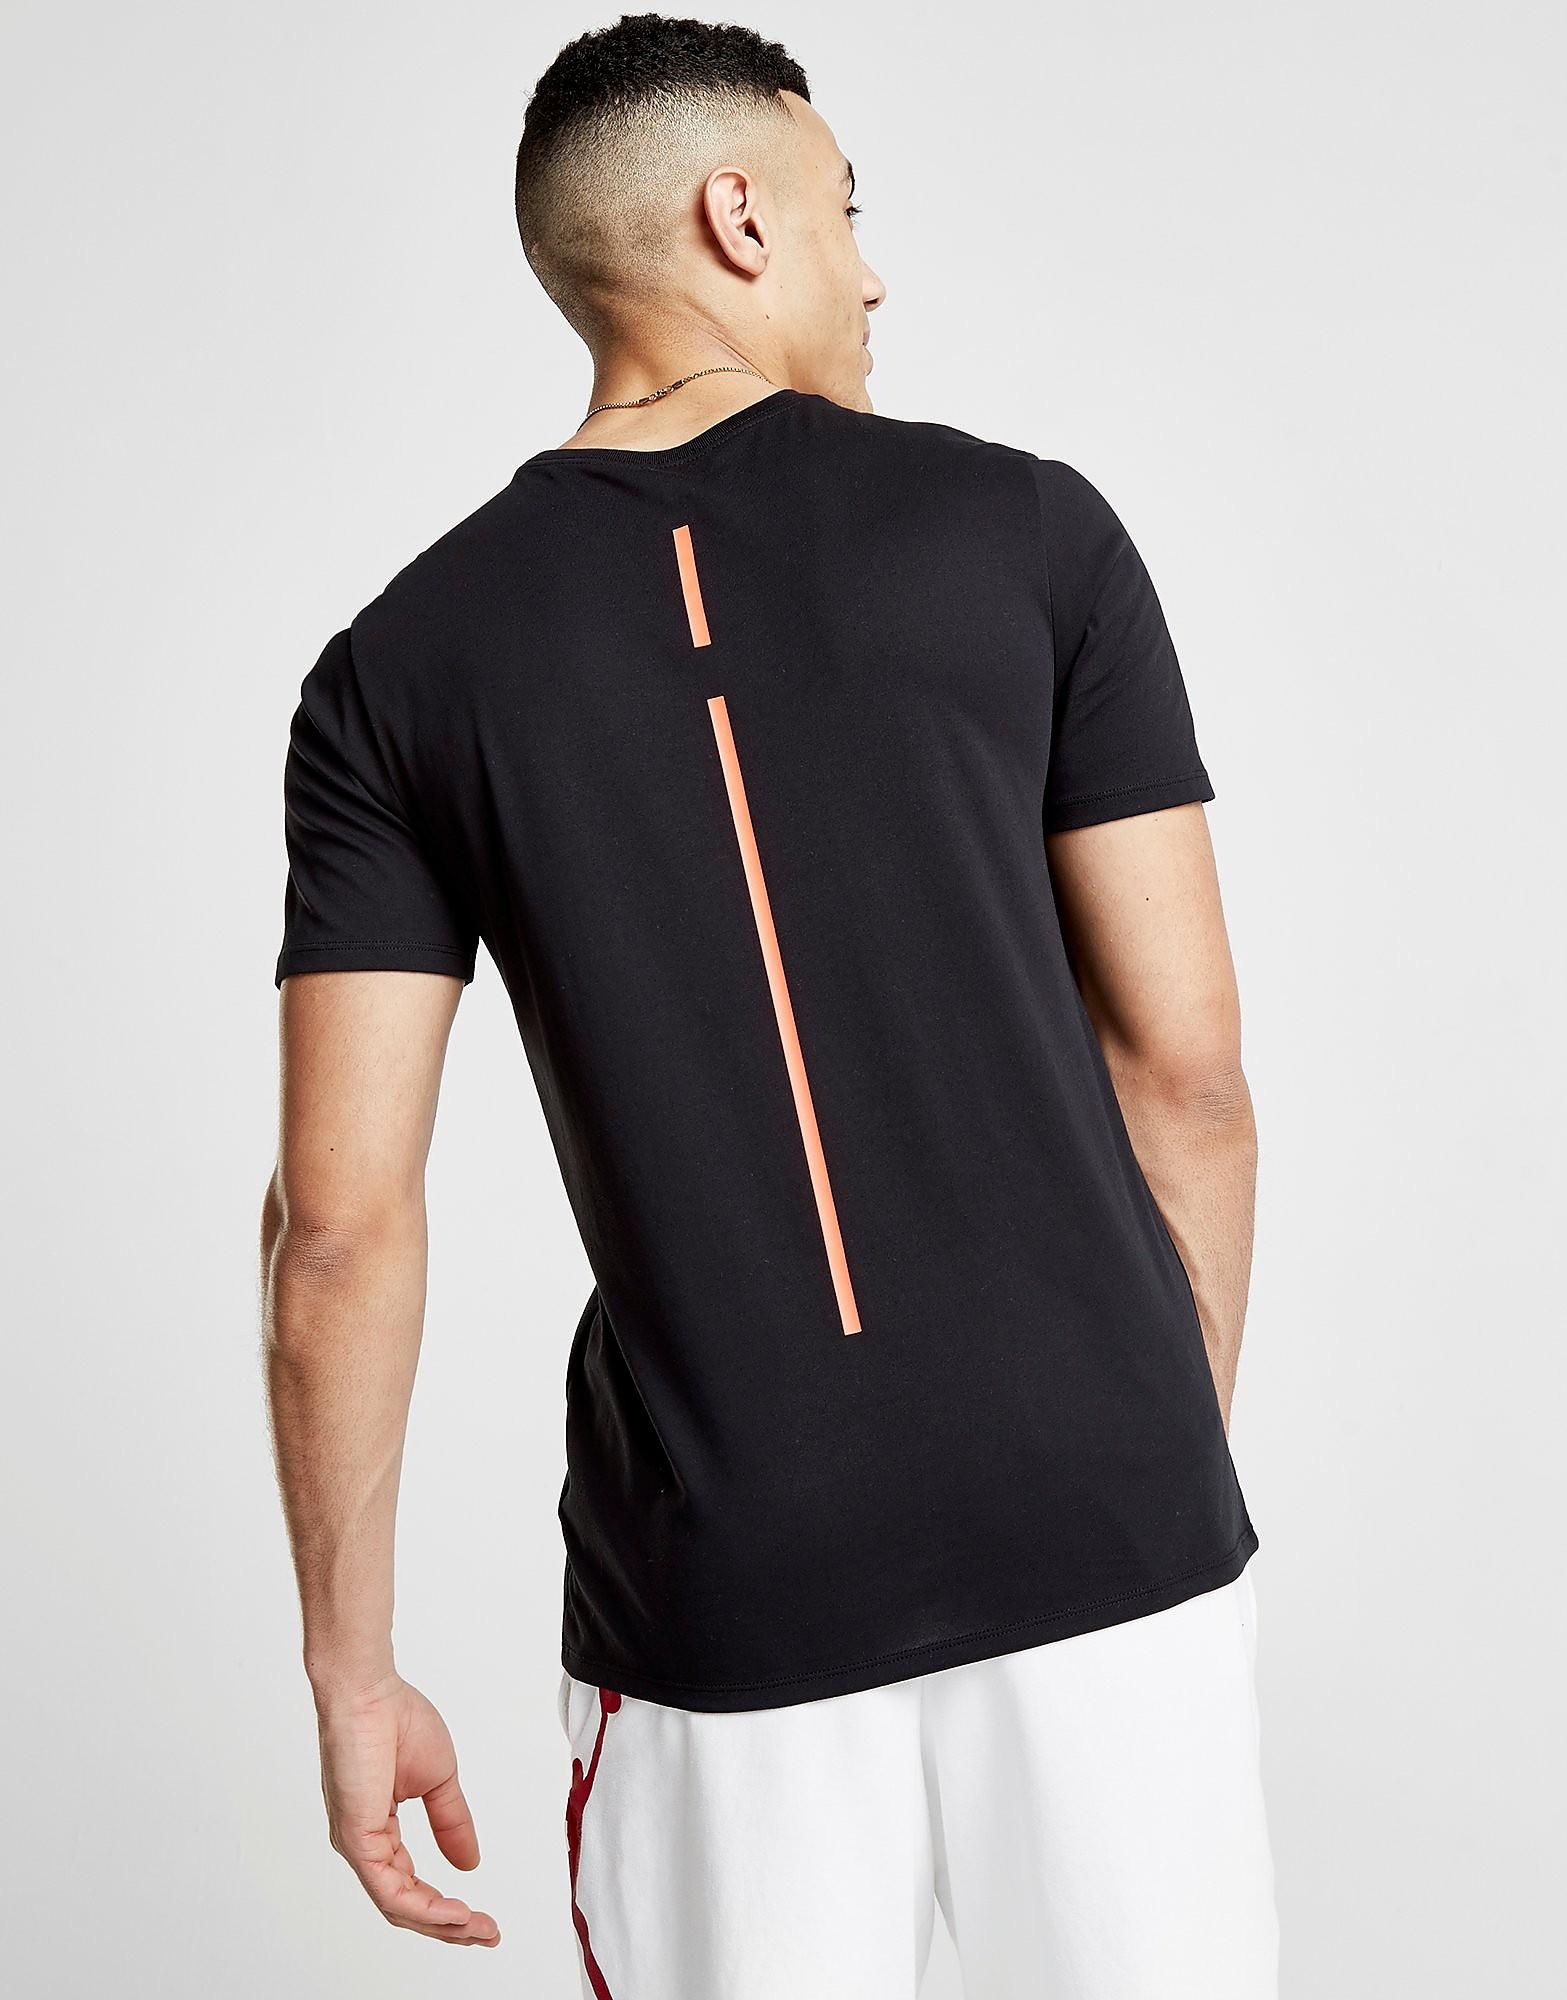 Jordan Air GX T-Shirt